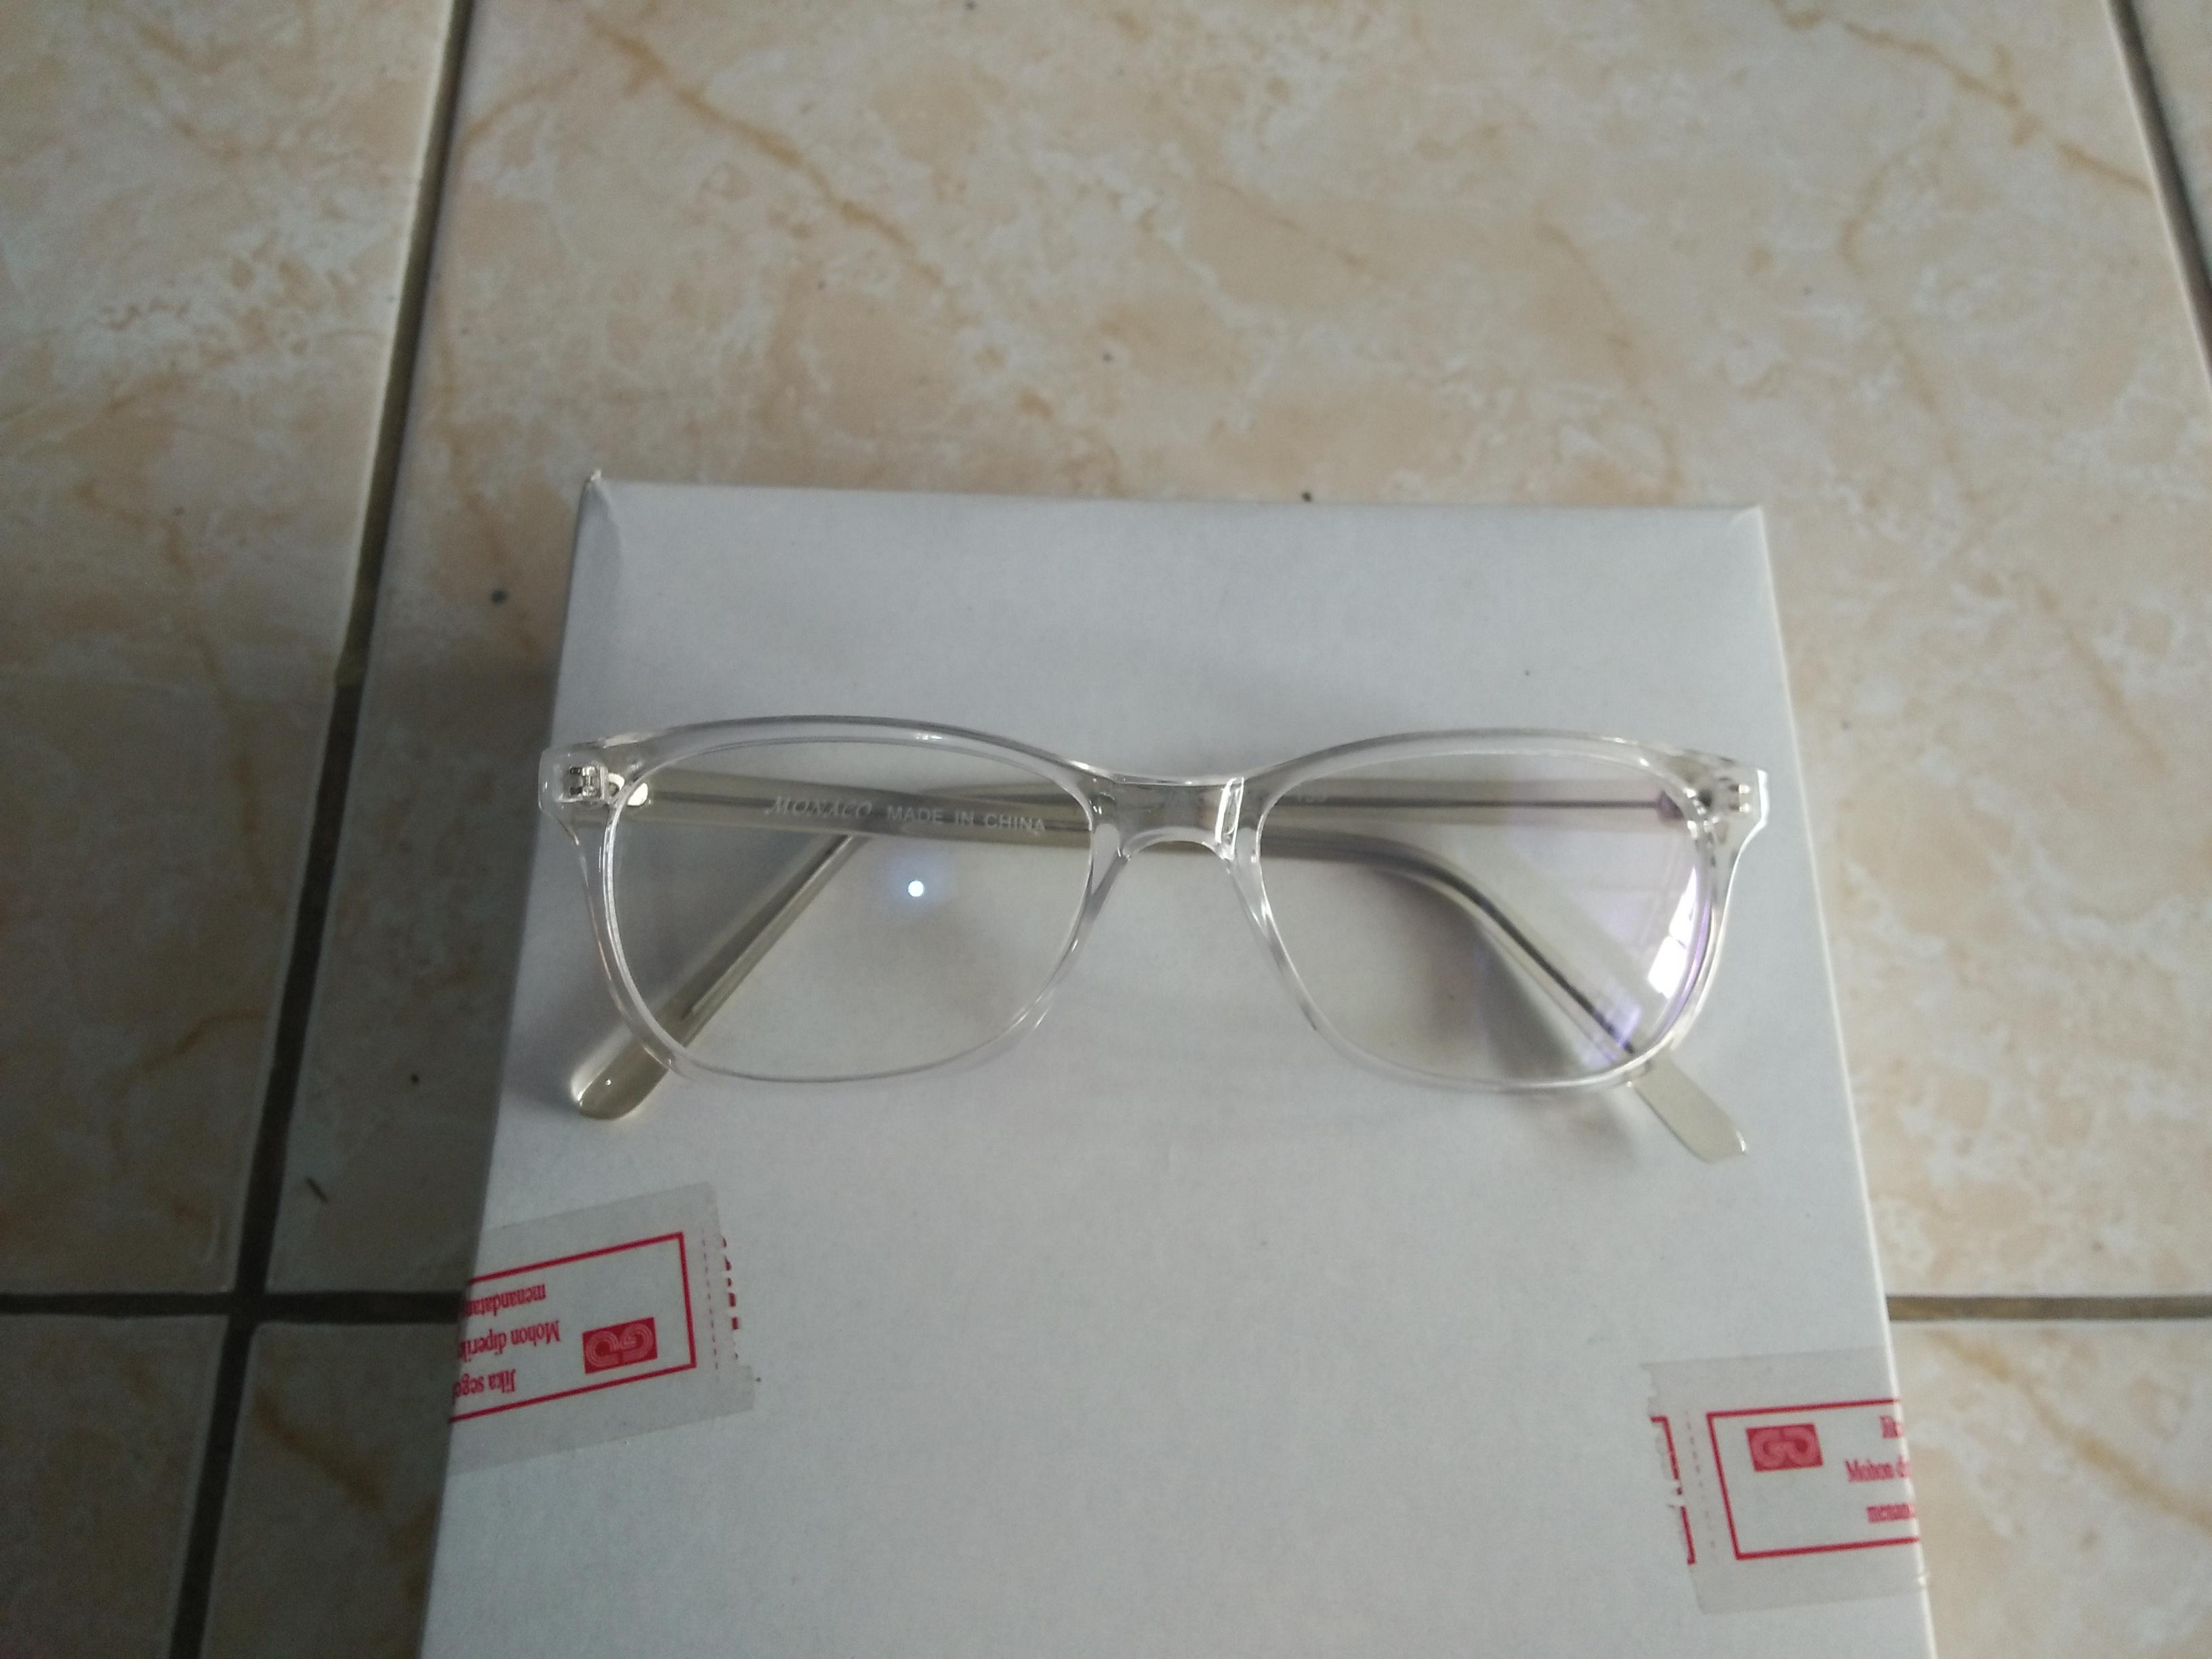 Kacamata anti radiasi handphone dan komputer kaca bening persegi trendy  NS153 522e8cd111